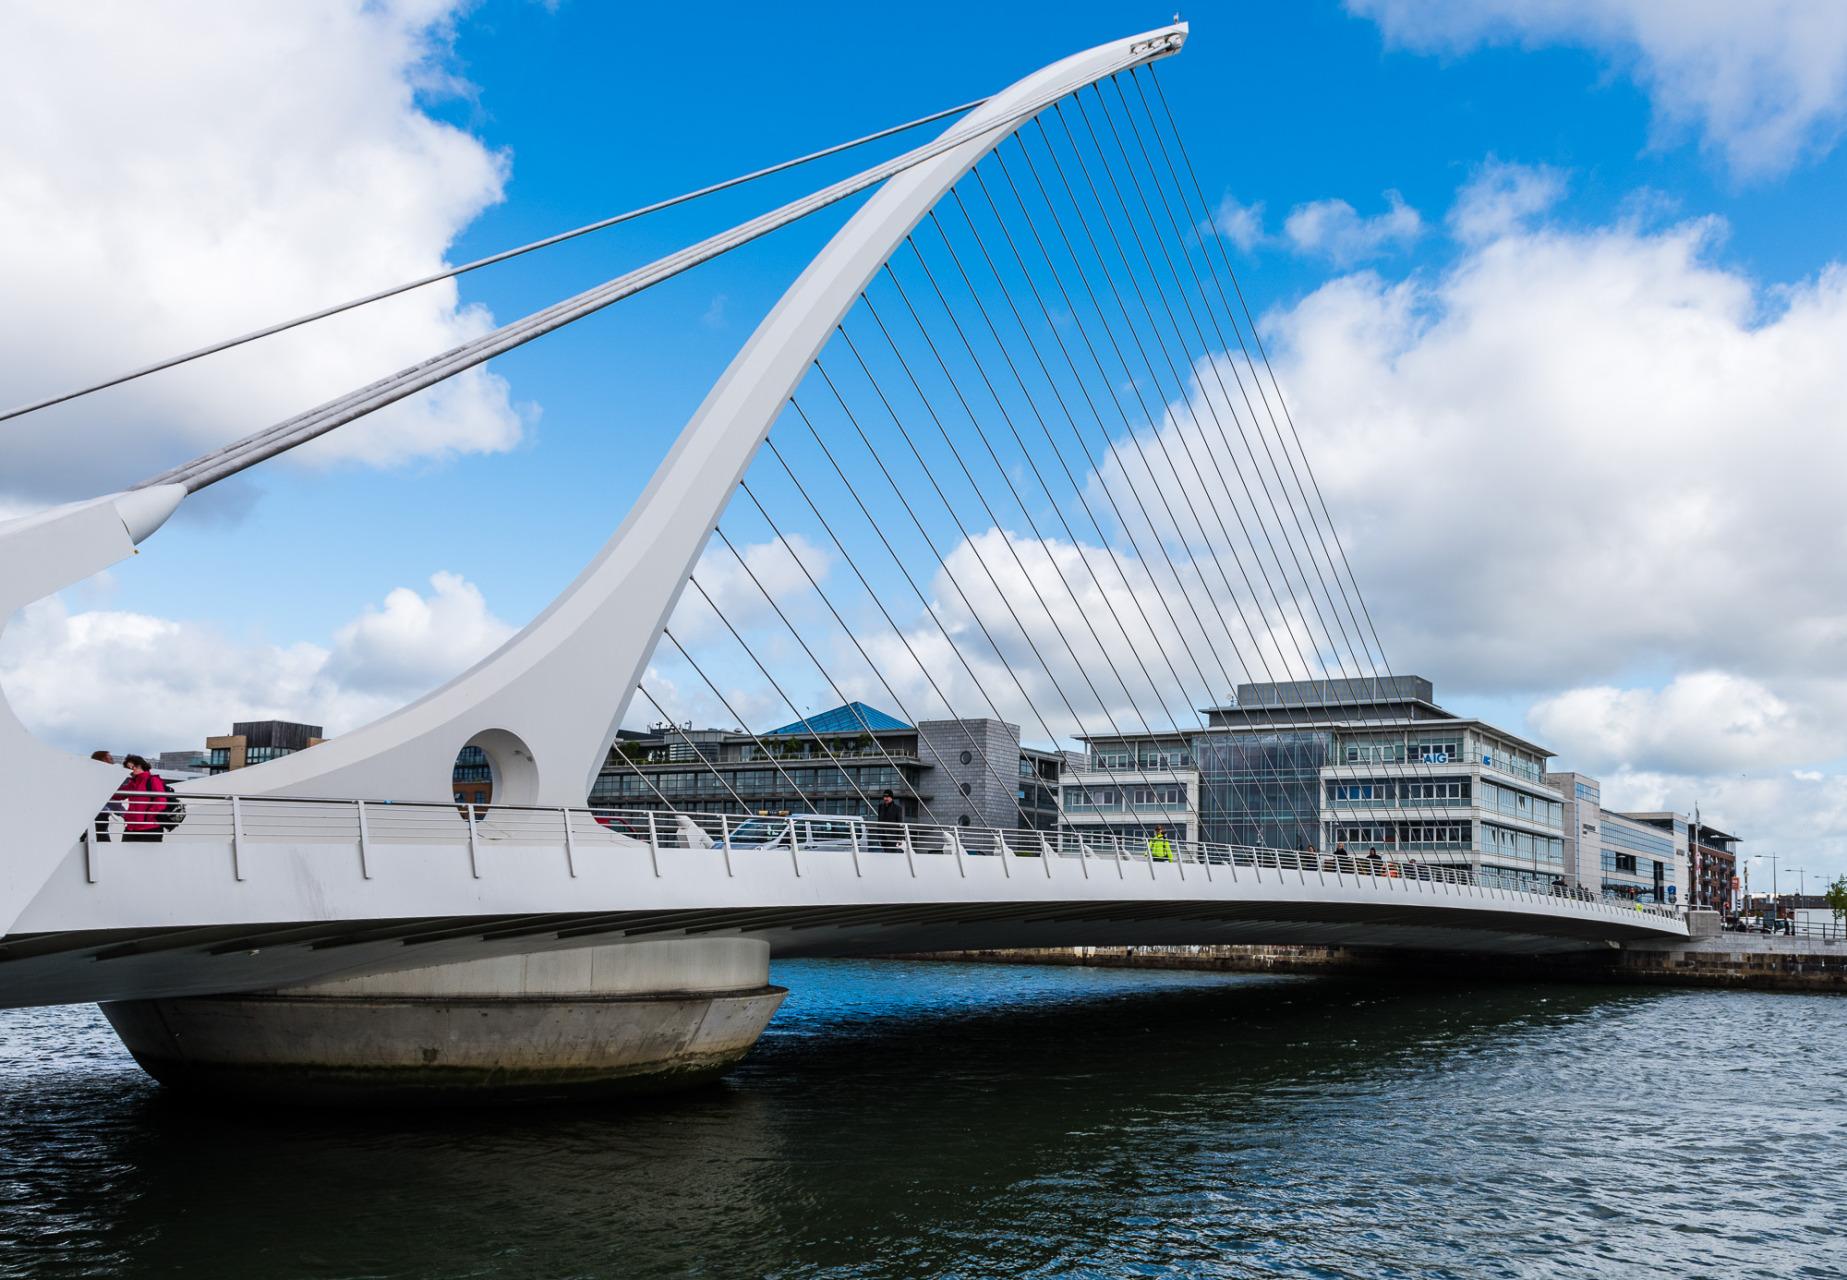 Samuel Beckett Bridge. Il ressemble à une harpe Celtique. Conçu par Santiago Calatrava.